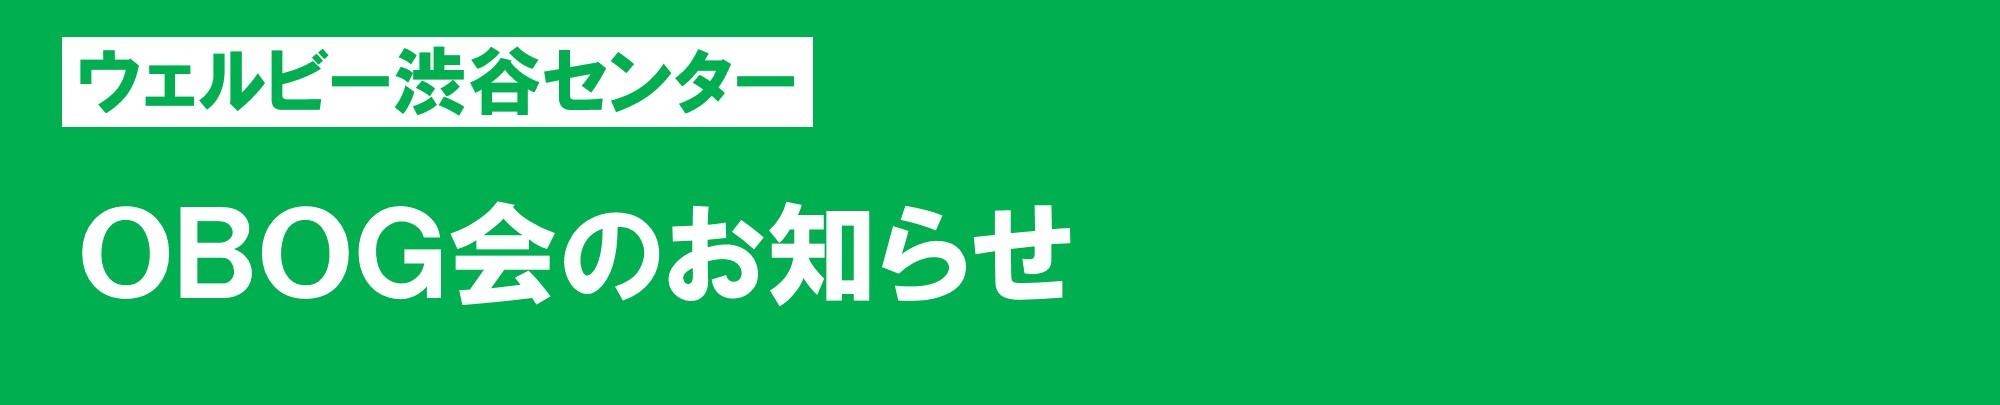 ウェルビー渋谷センターOBOG会のお知らせ